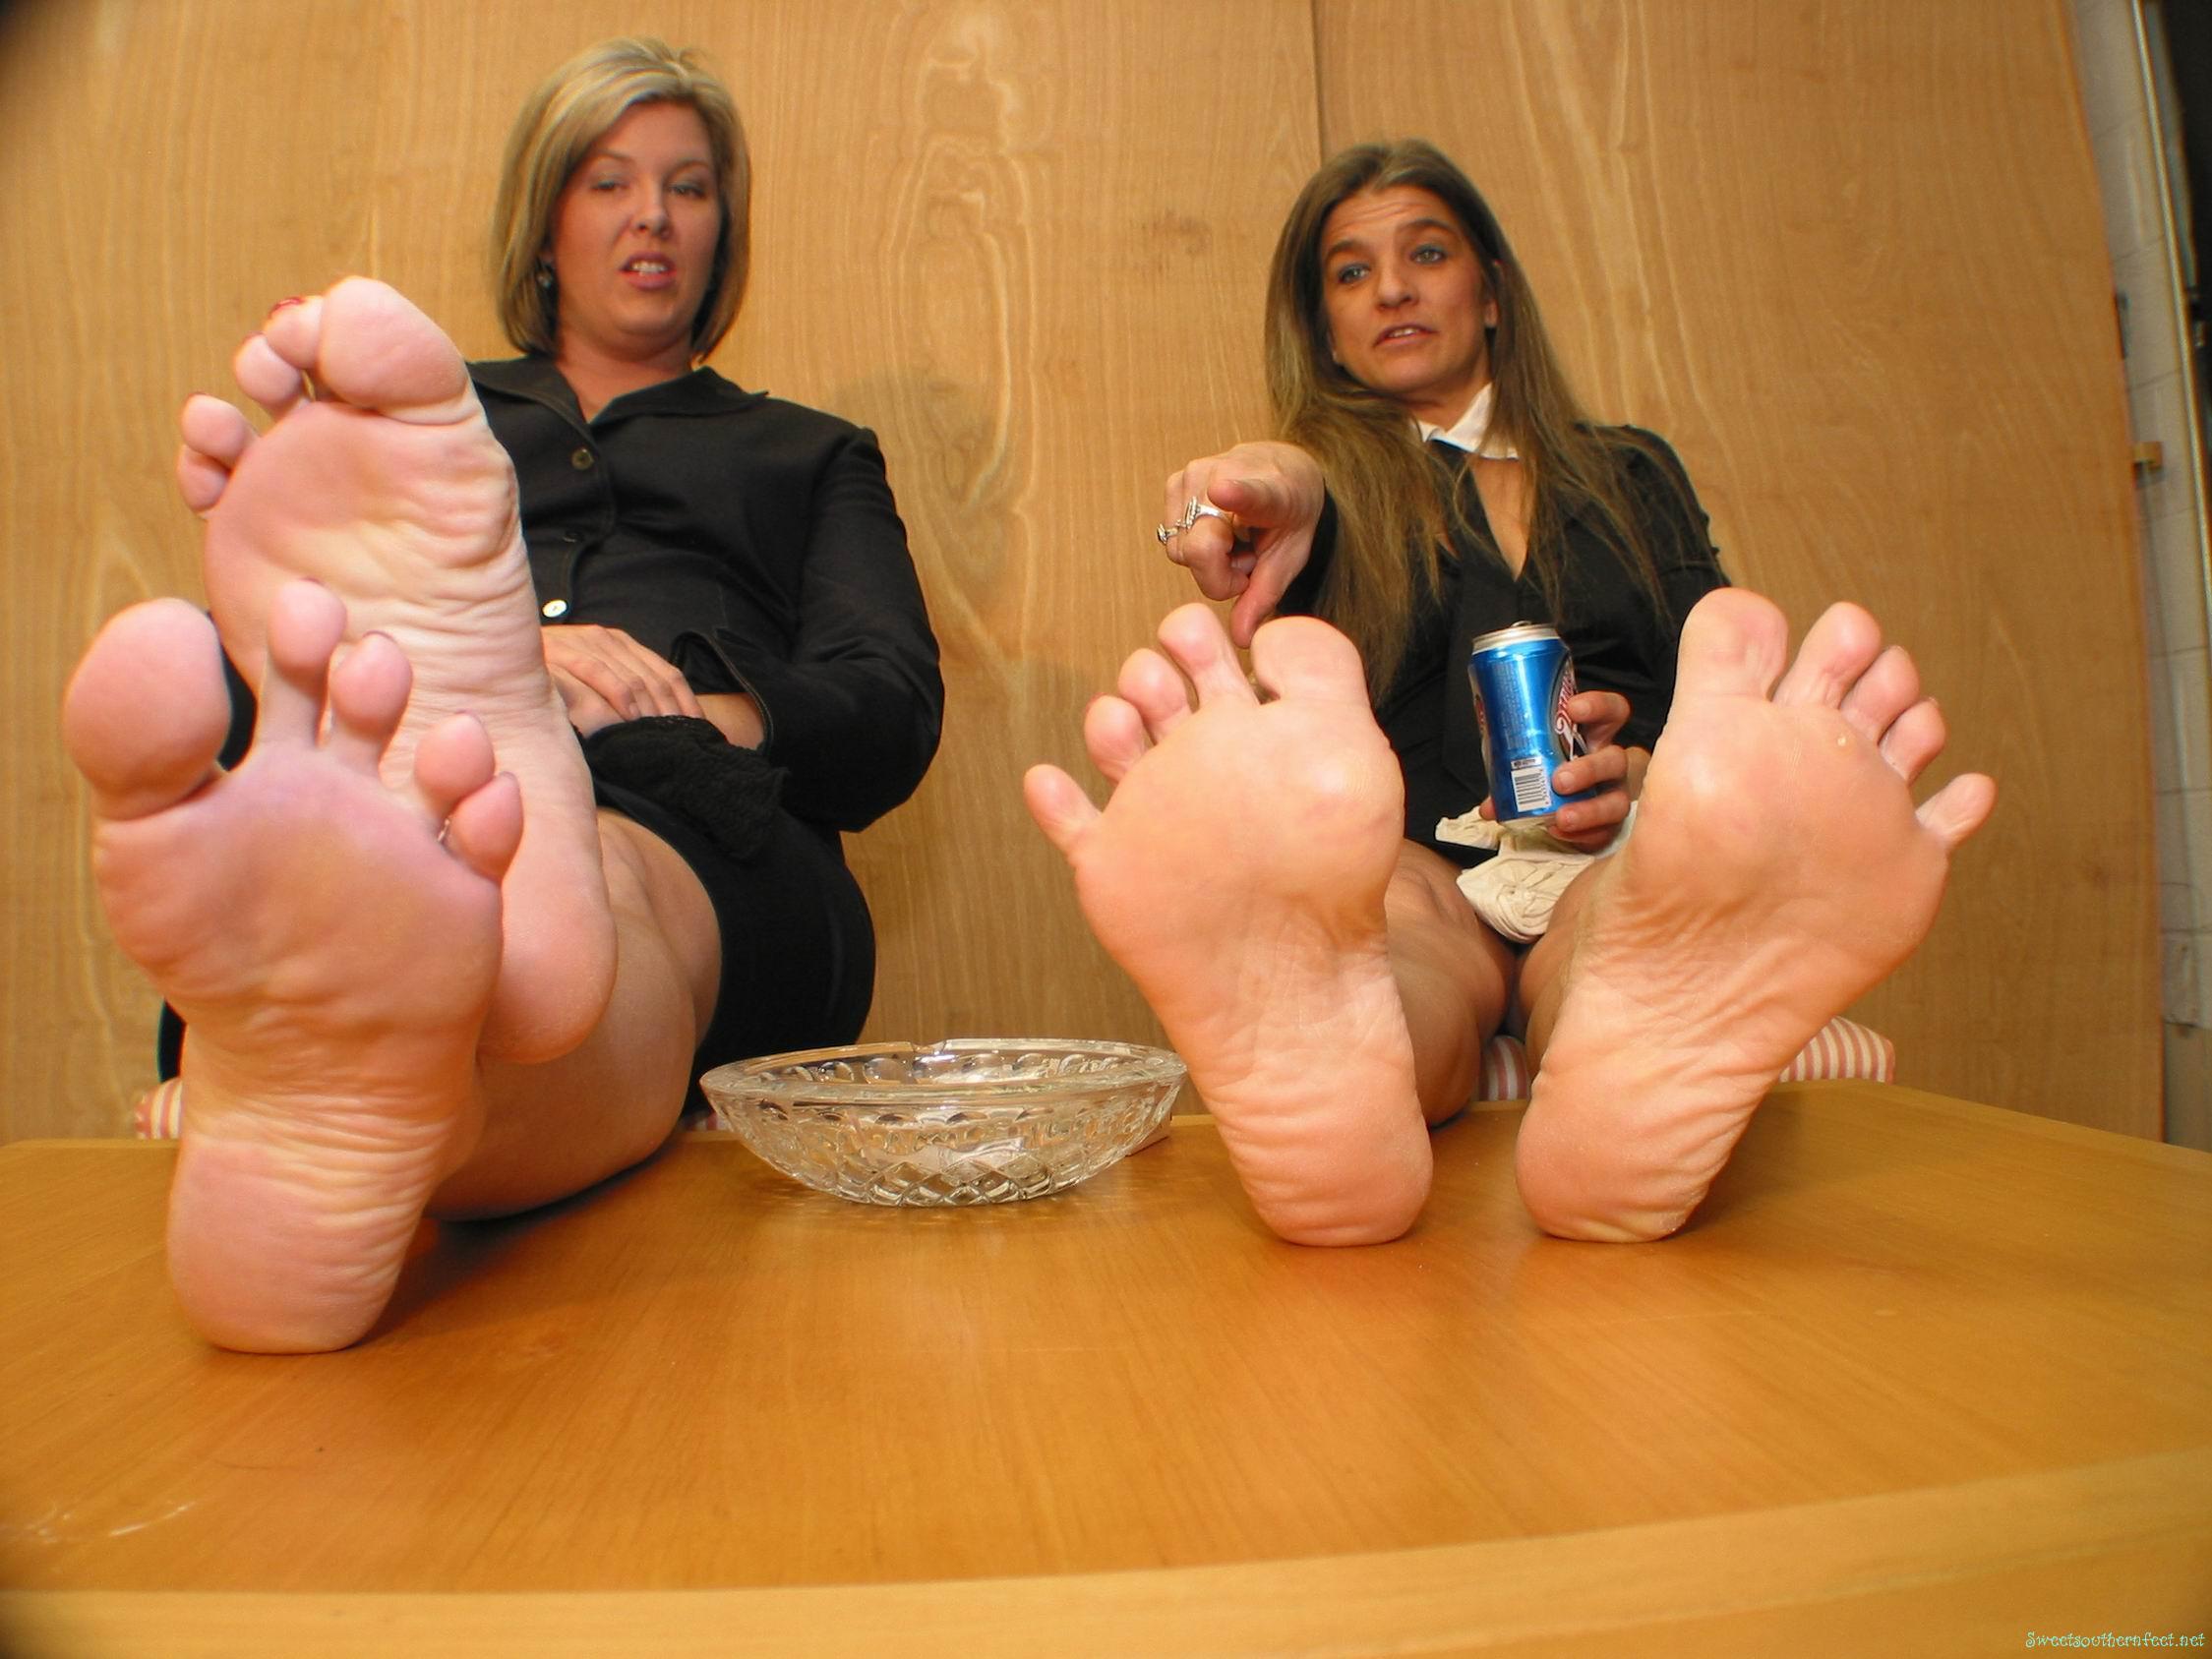 More mature soles